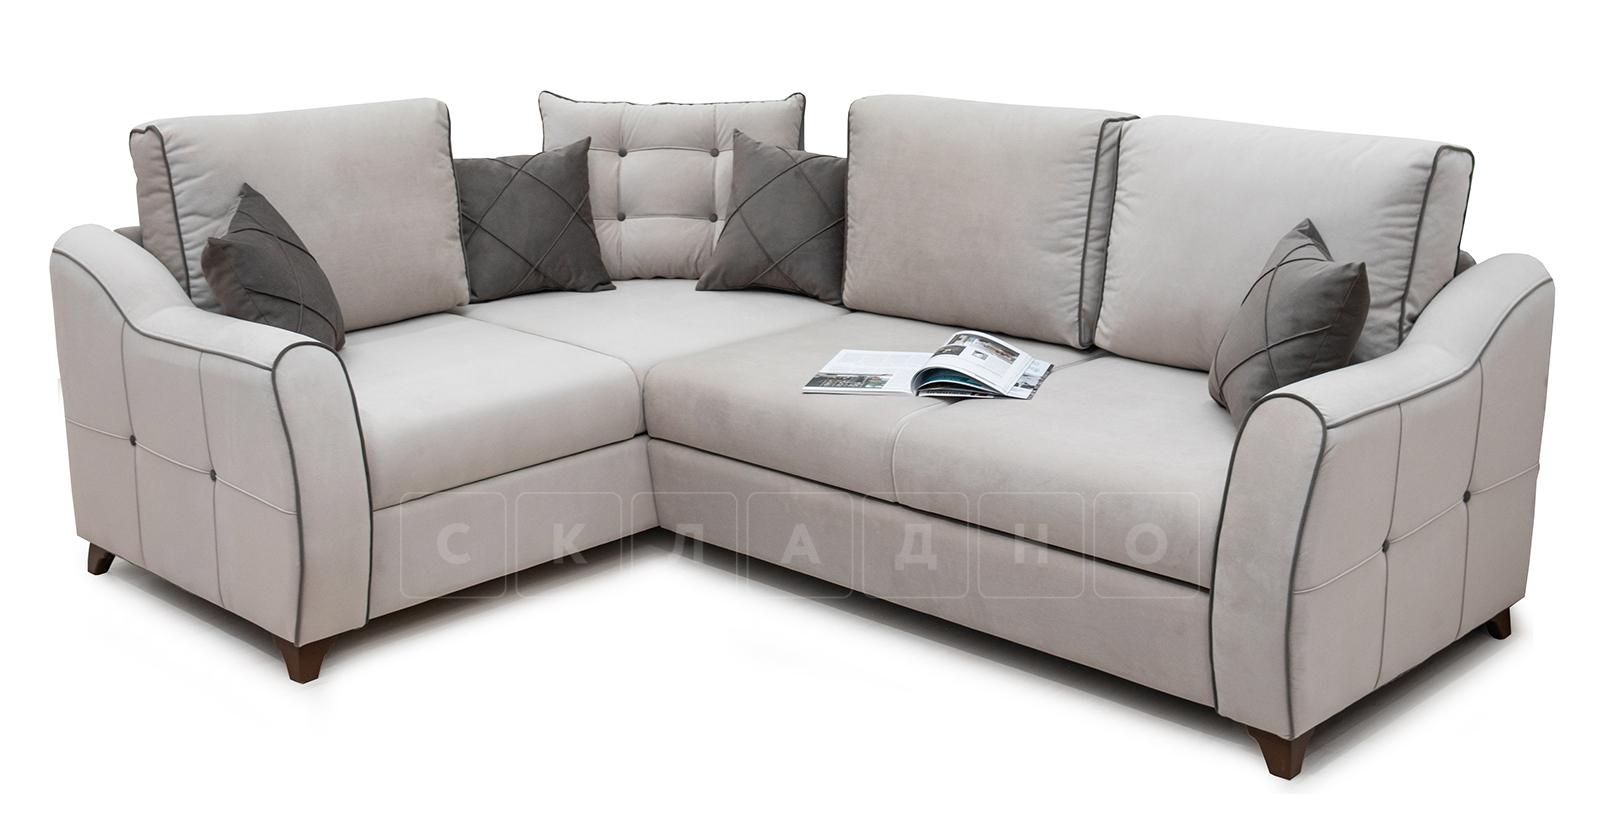 Диван-кровать угловой Флэтфорд серо-бежевый фото 7 | интернет-магазин Складно